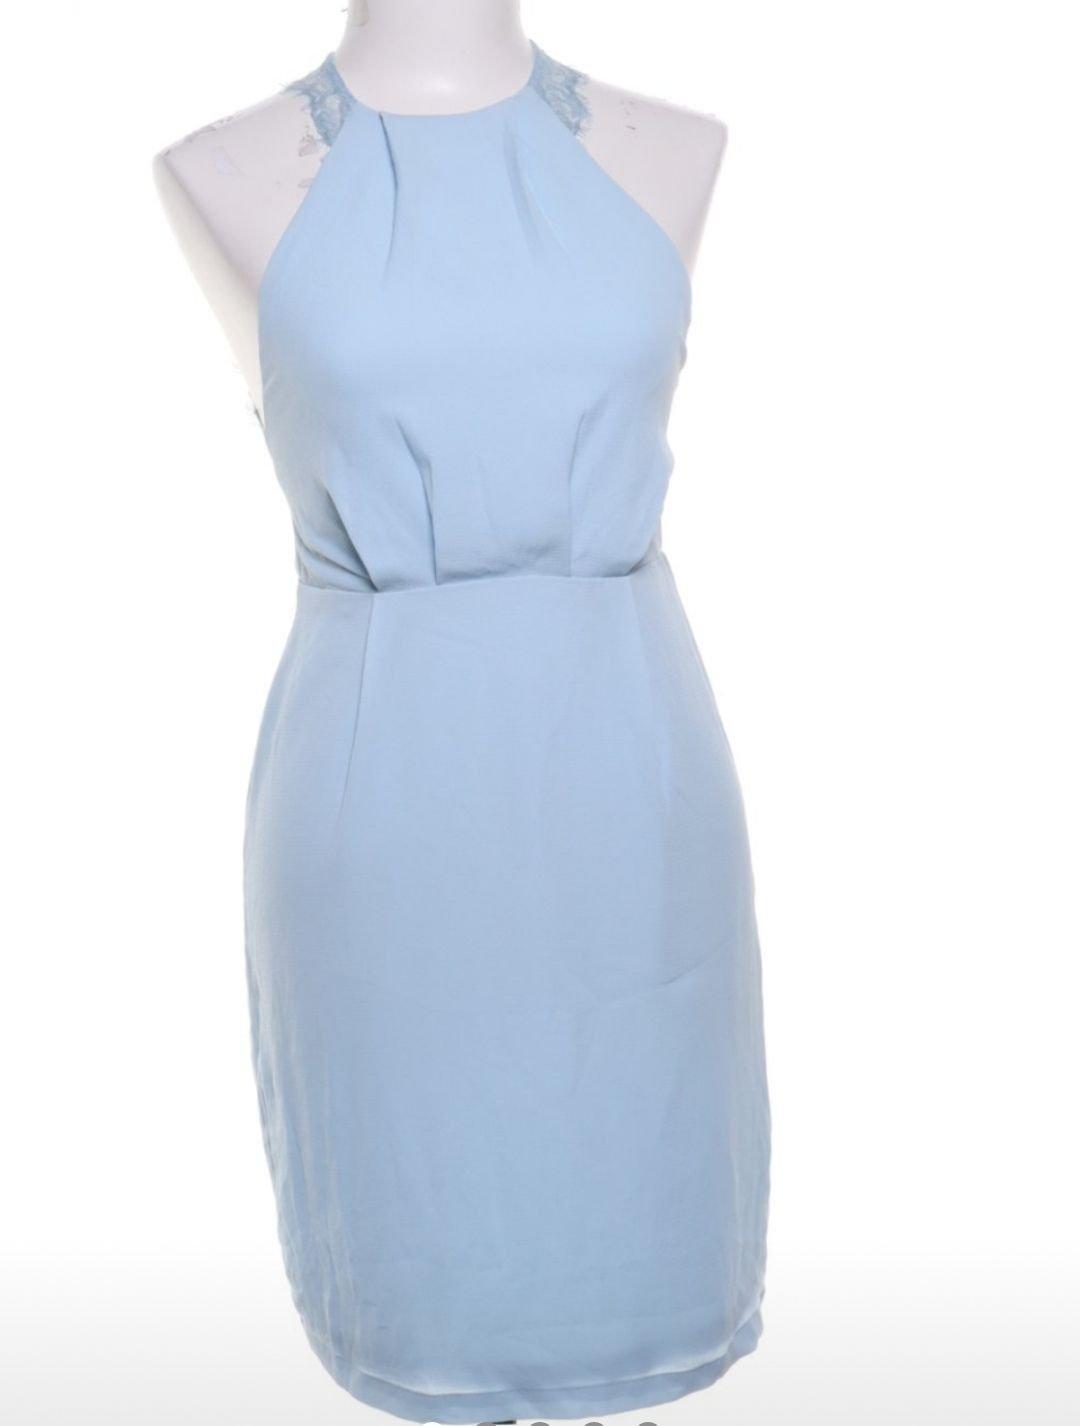 klänning romantik lantlig stil spets (426977008) ᐈ Köp på